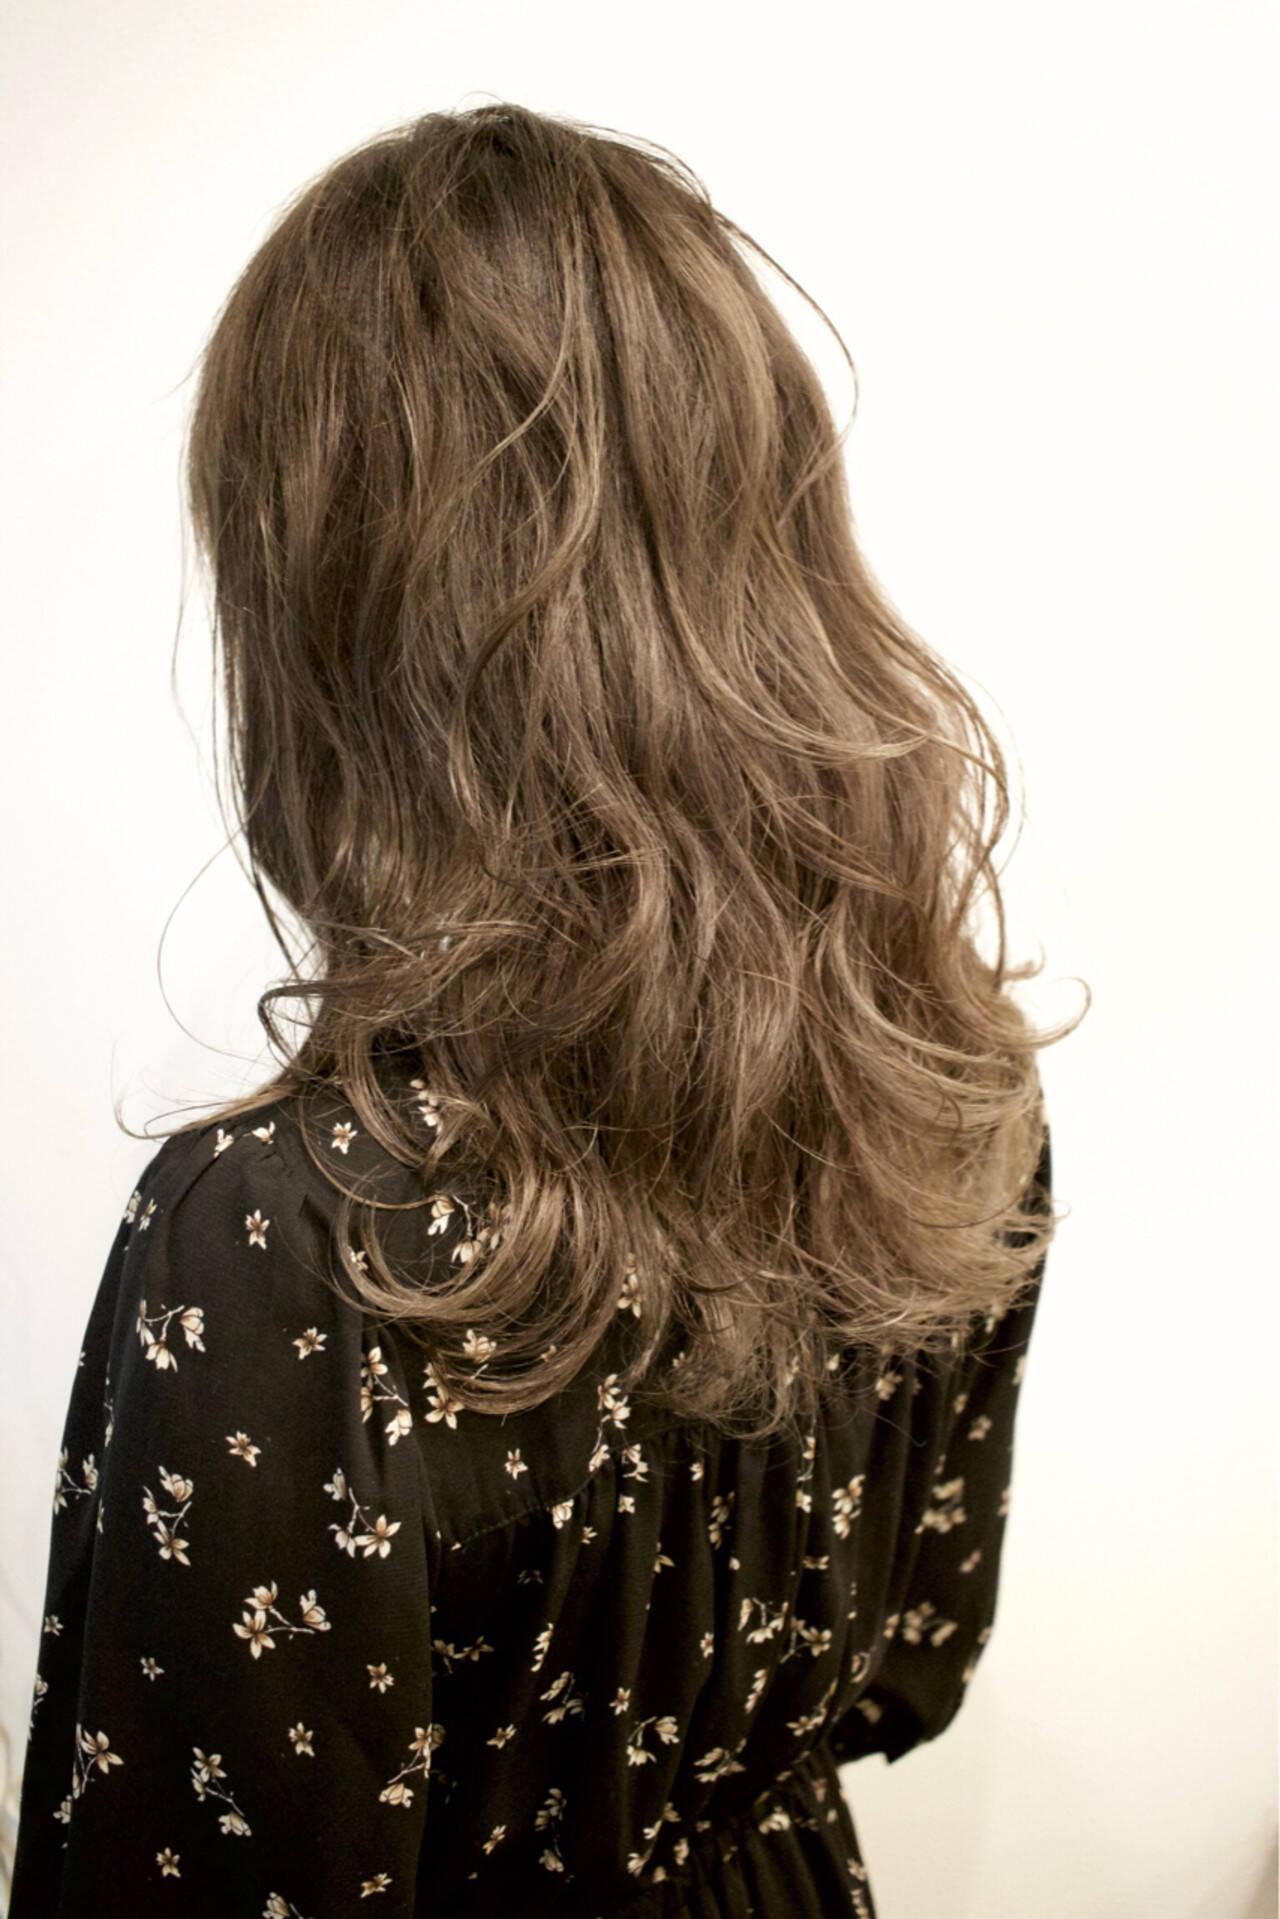 ハイライト グレージュ ダブルカラー 外国人風カラーヘアスタイルや髪型の写真・画像